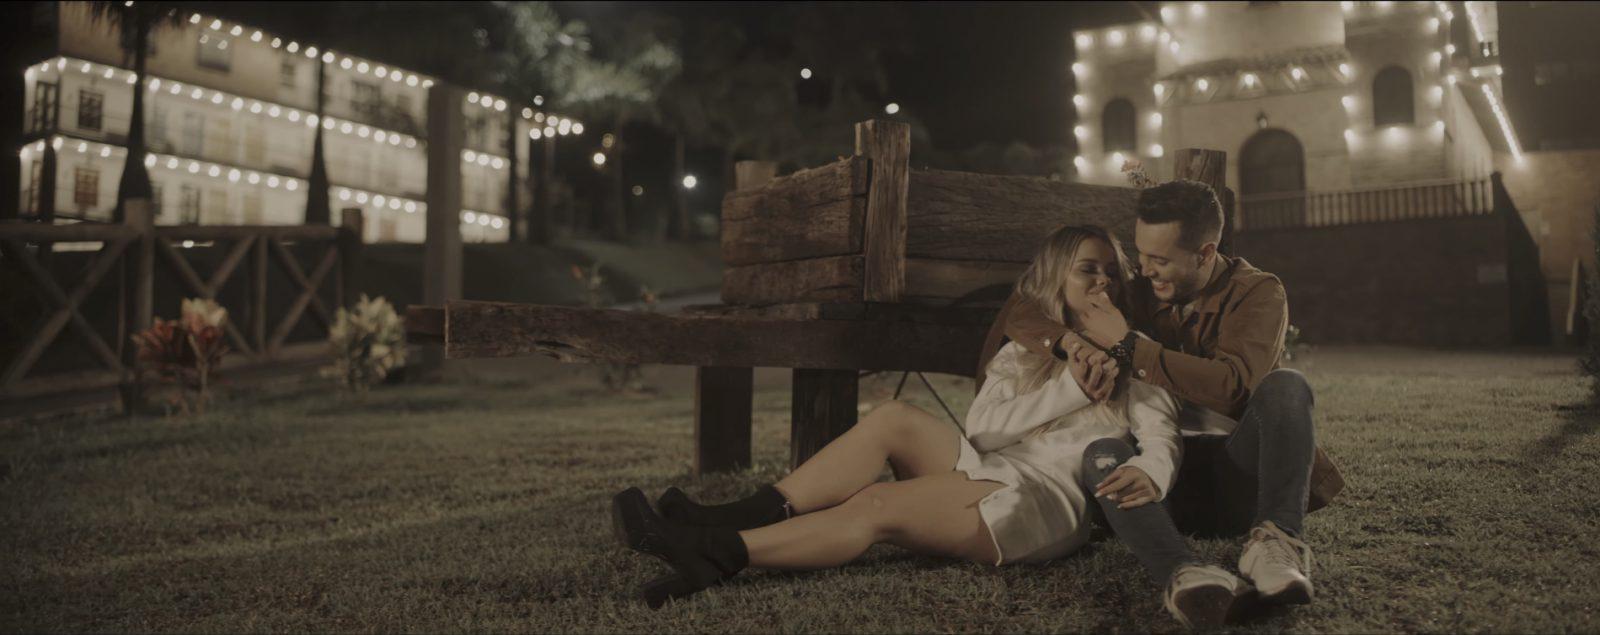 'En mi cama' El nuevo lanzamiento de Alexis Escobar